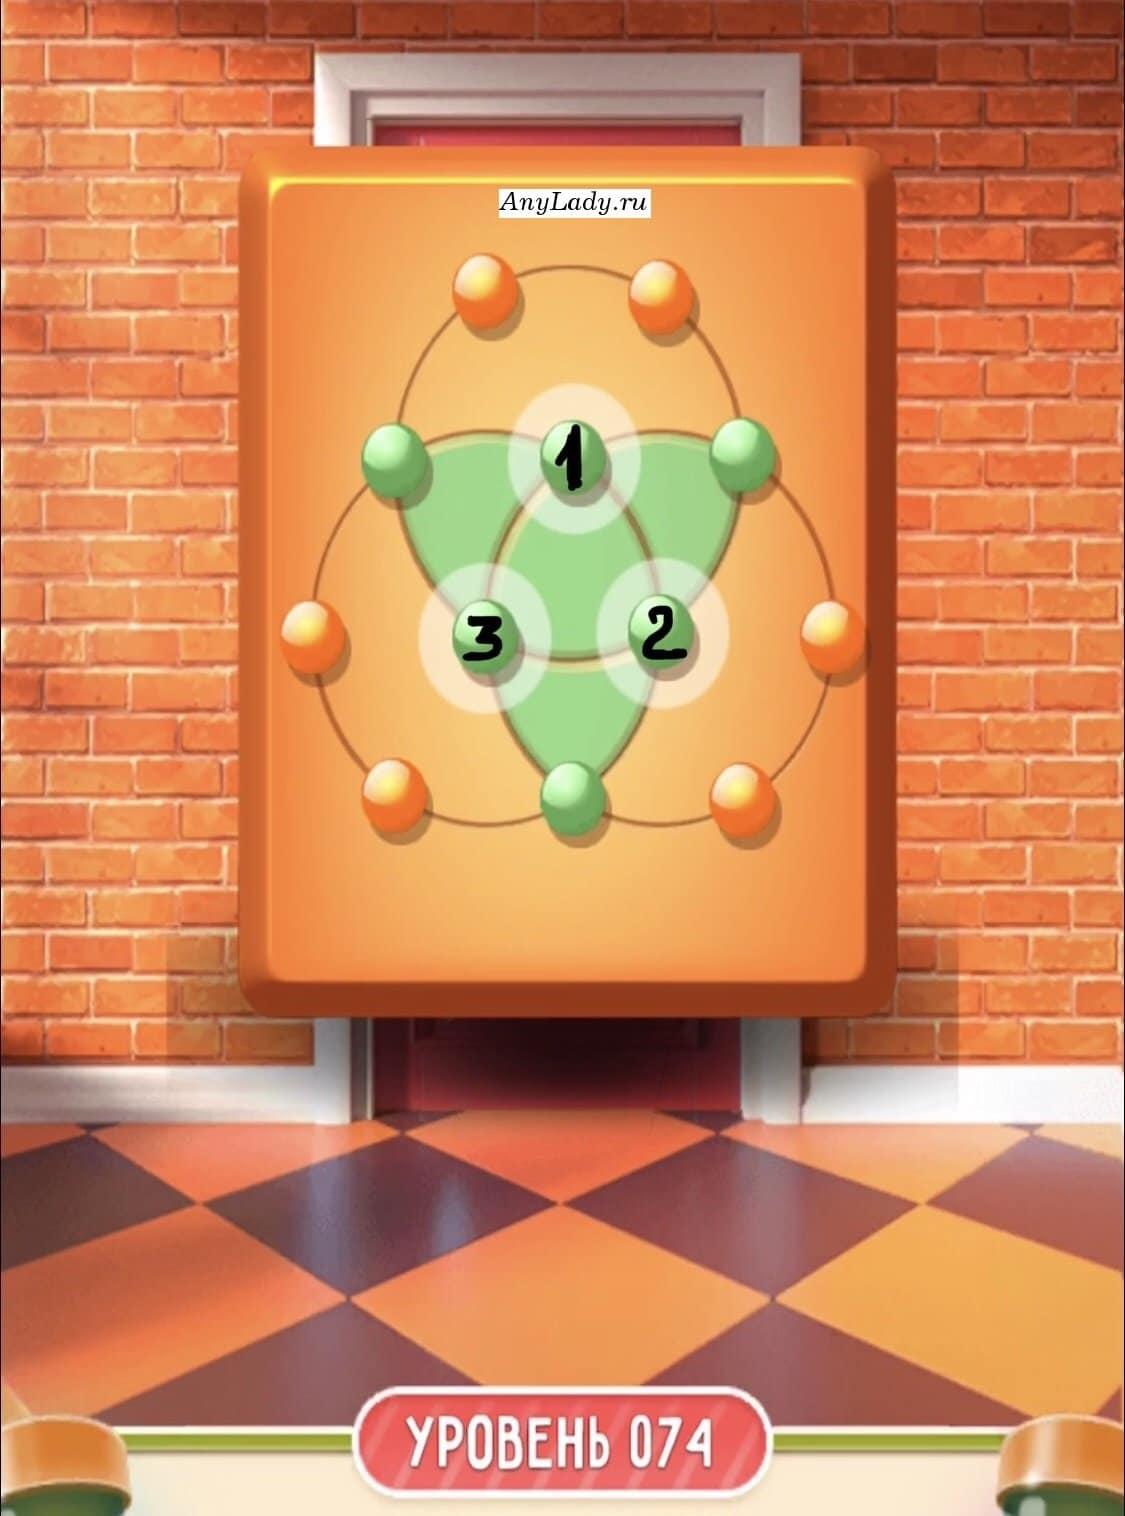 Интересная головоломка, решить ее можно меняя местами кнопки в кругах. Зеленые кнопки нужно переместить в закрашенный центр, а рыжие оставить снаружи.